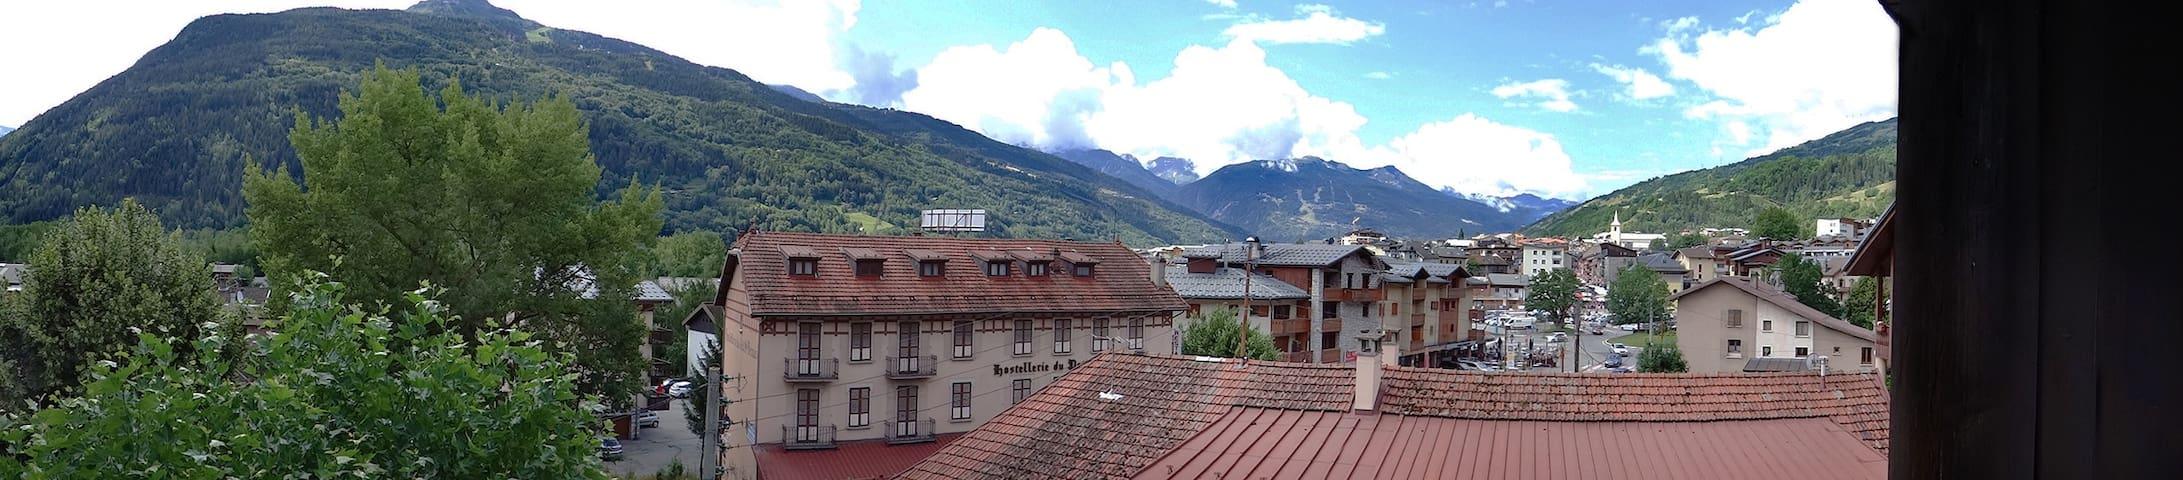 Terrasse avec une vue magnifique sur les ARCS et le centre ville de BSM (vu sur l'église).